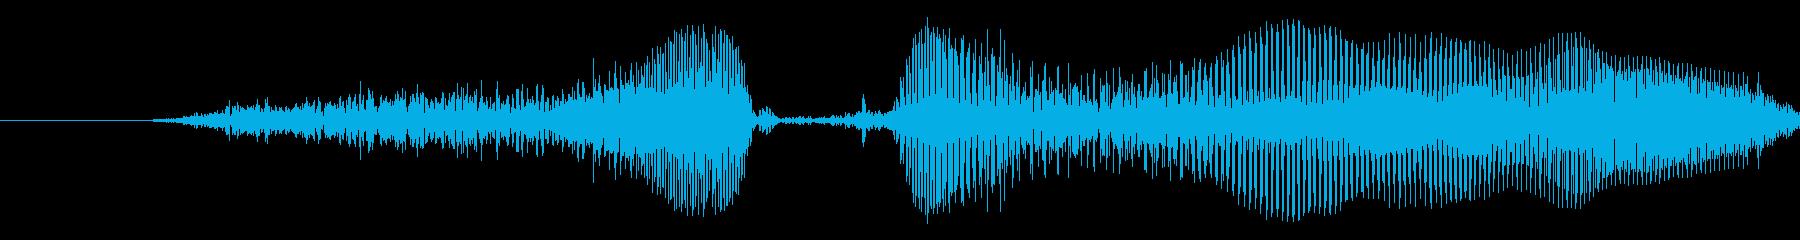 すごい!1【ロリキャラの褒めボイス】の再生済みの波形